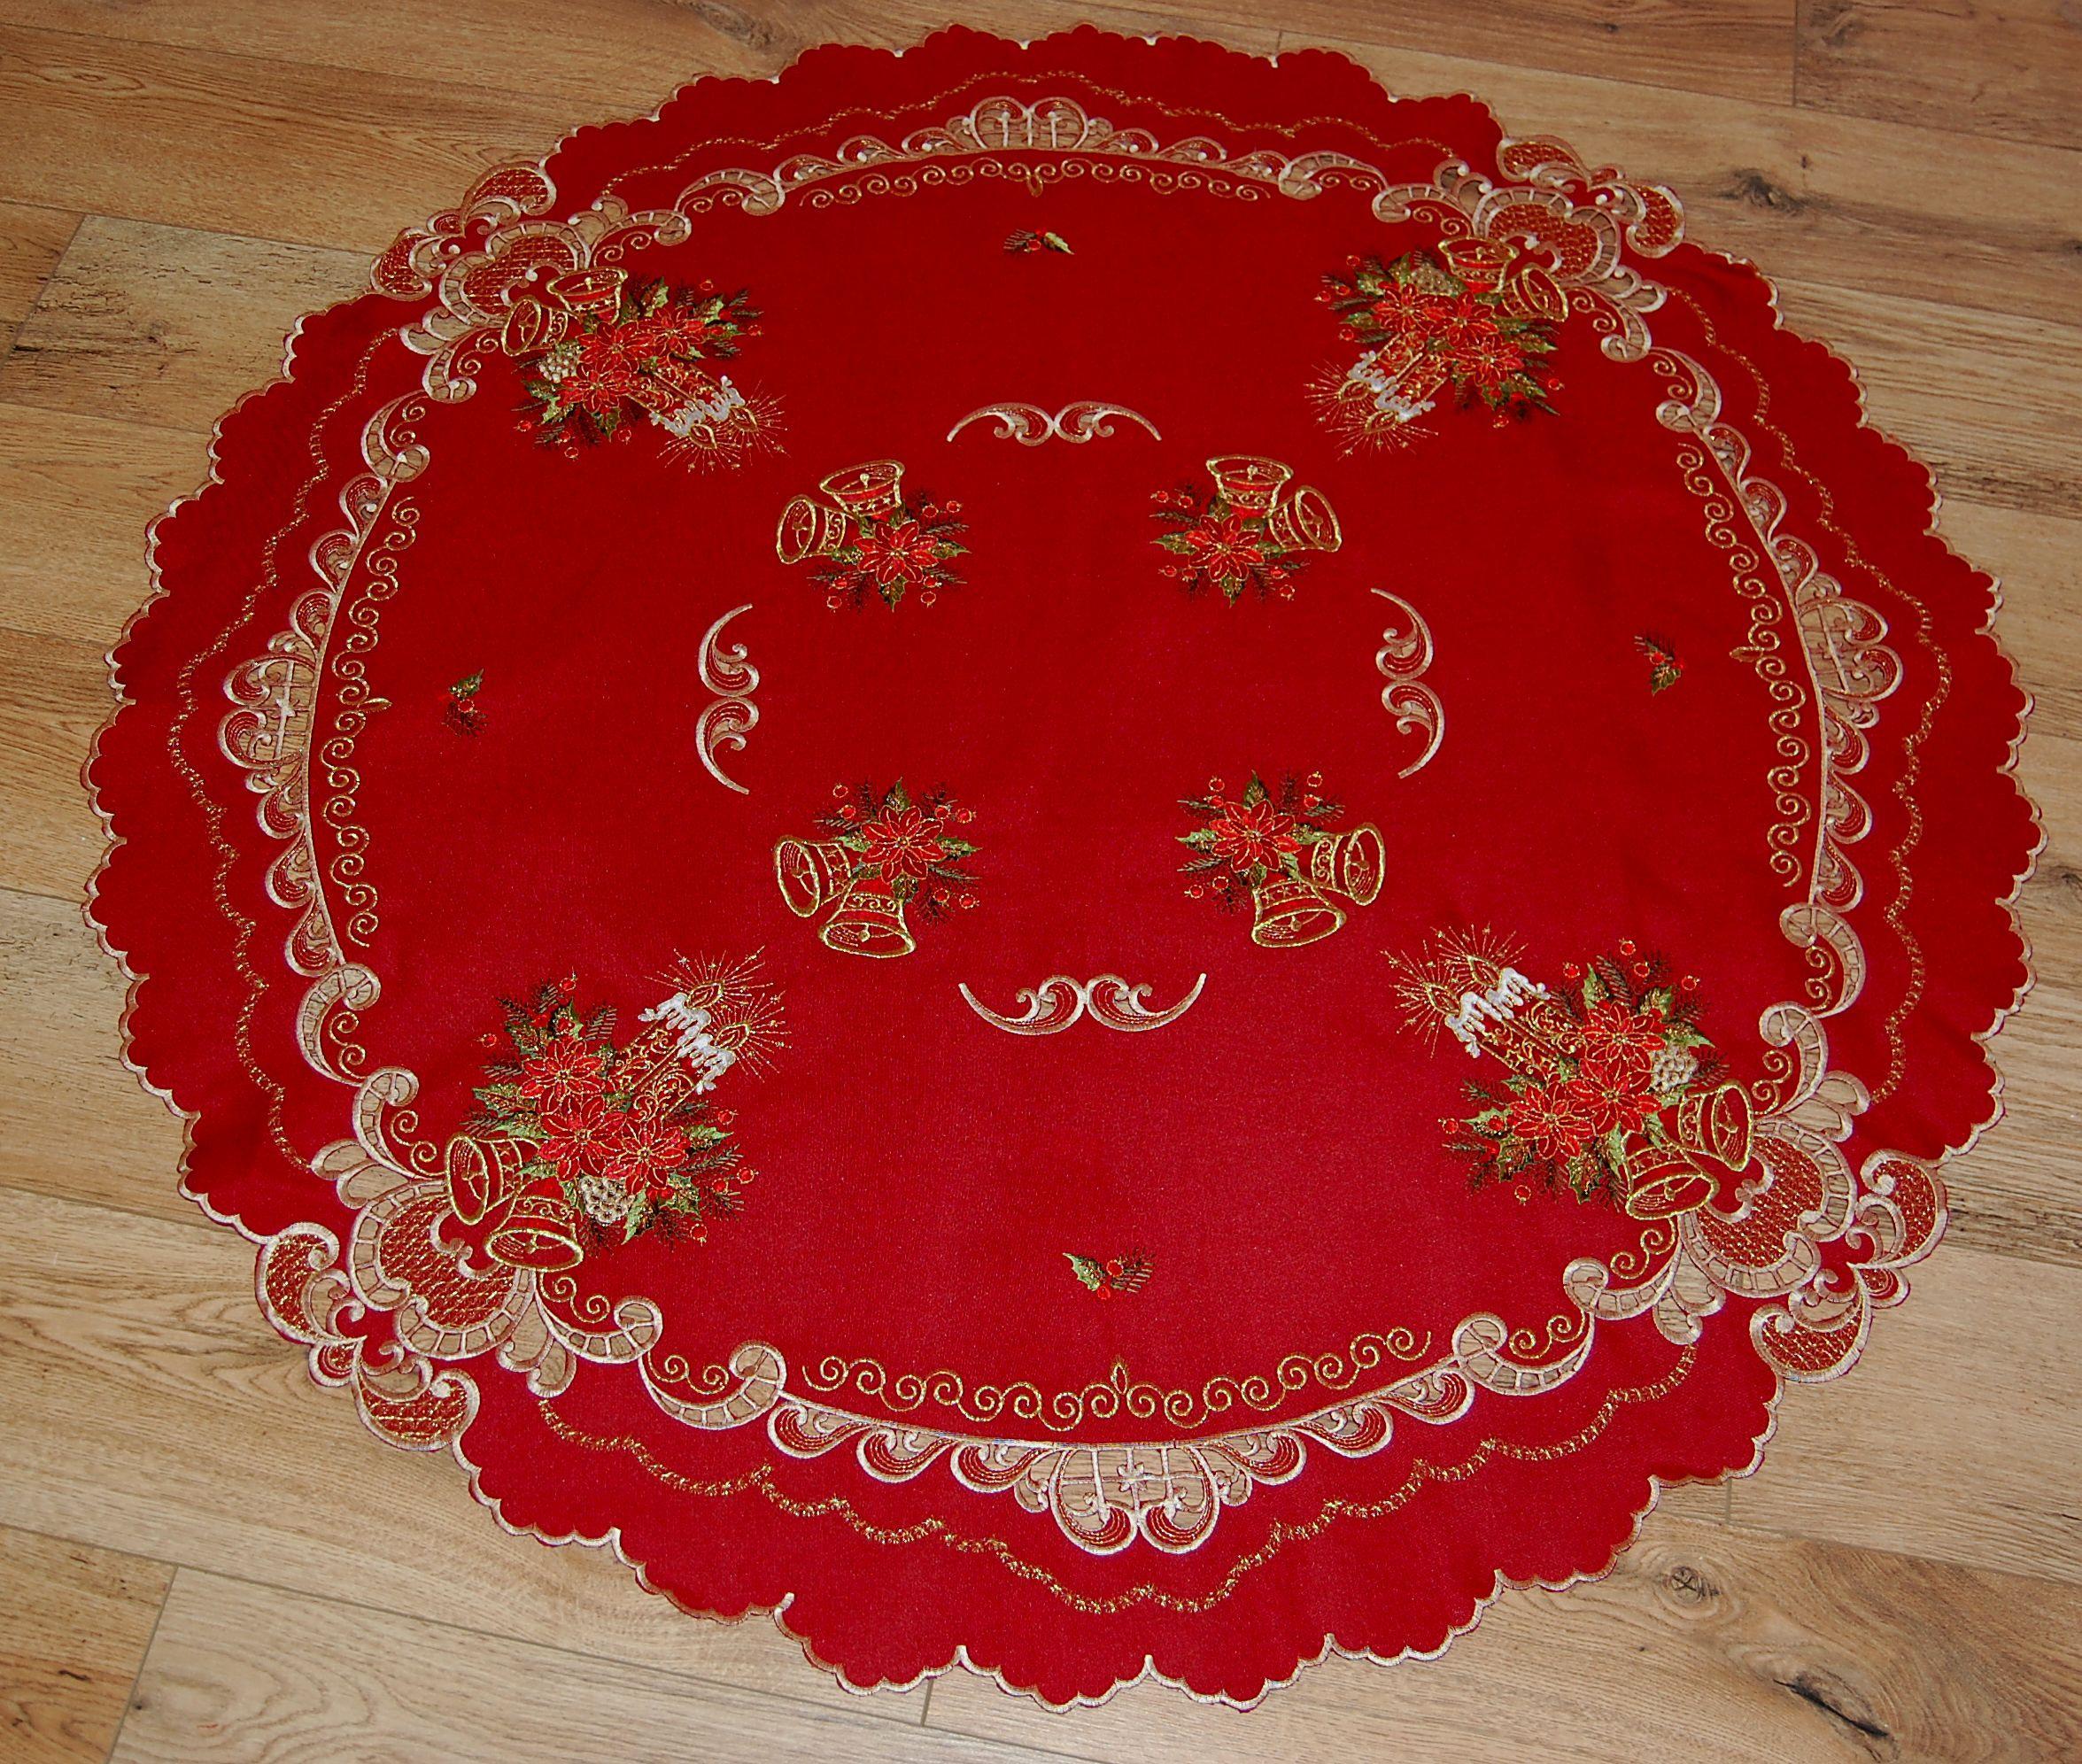 tischdecke rund weihnachten leinenoptik rot kerzen gestickt tischtuch tafeltuch ebay. Black Bedroom Furniture Sets. Home Design Ideas